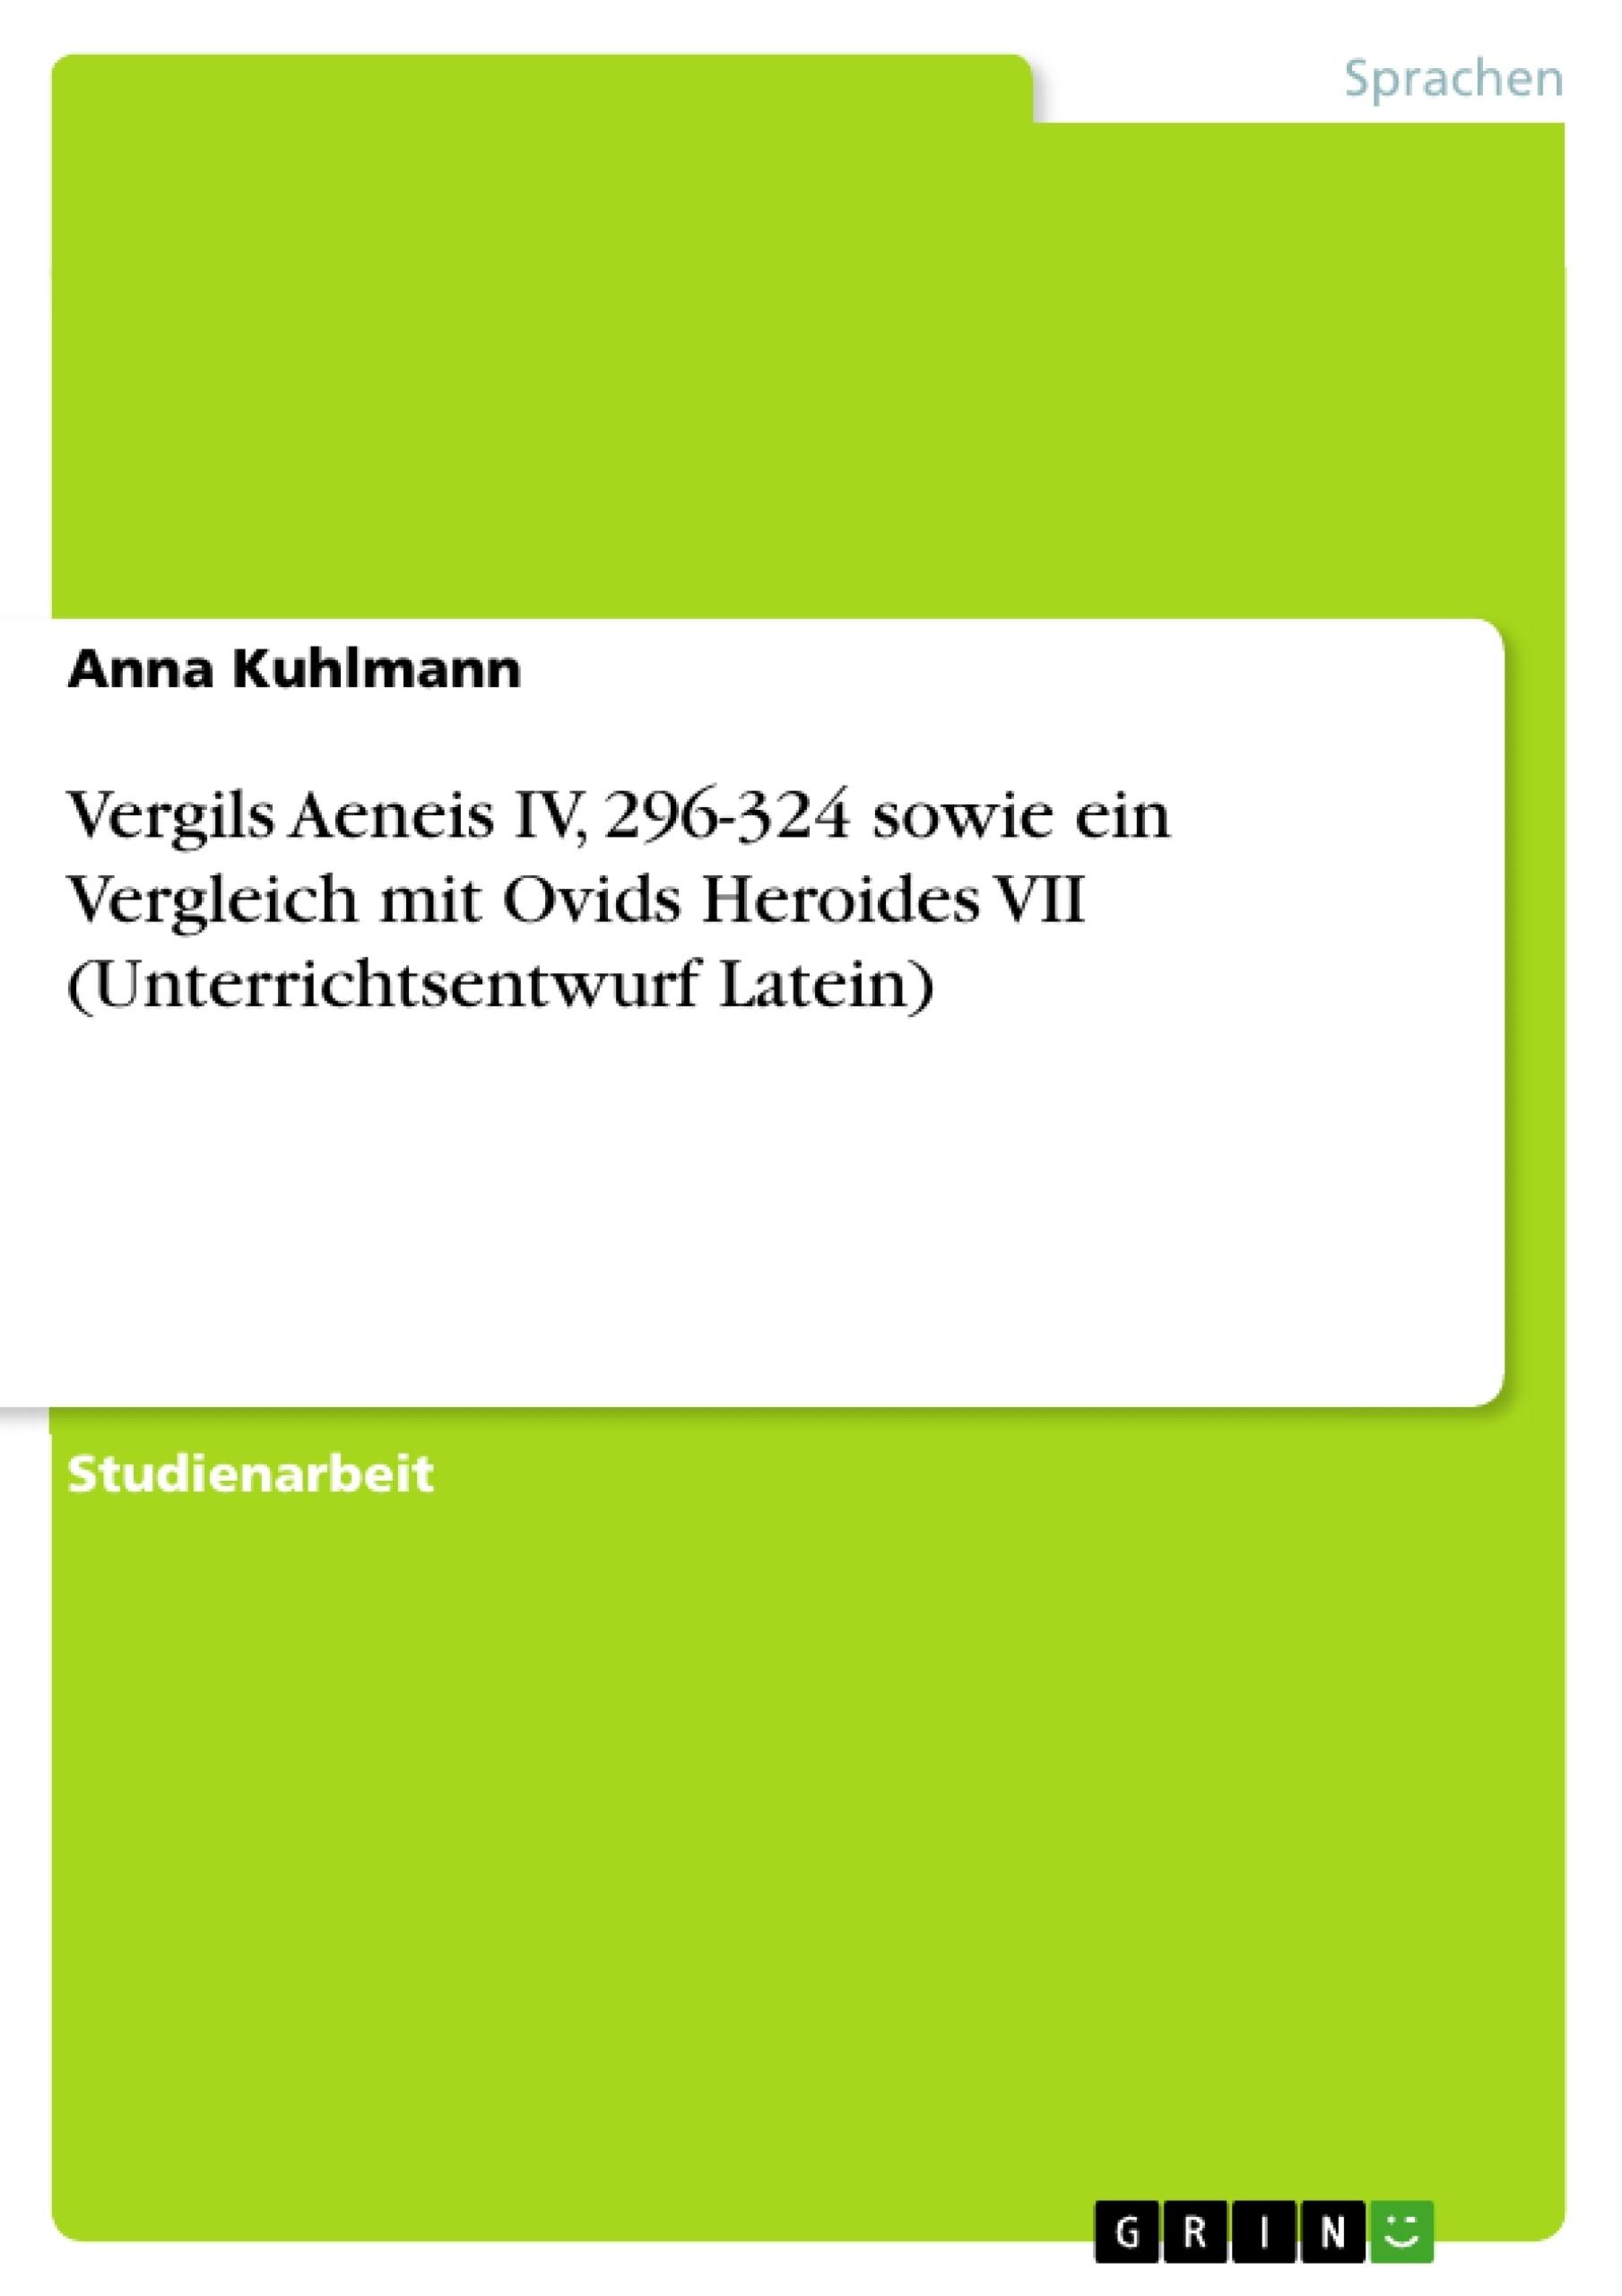 Titel: Vergils Aeneis IV, 296-324 sowie ein Vergleich mit Ovids Heroides VII (Unterrichtsentwurf Latein)